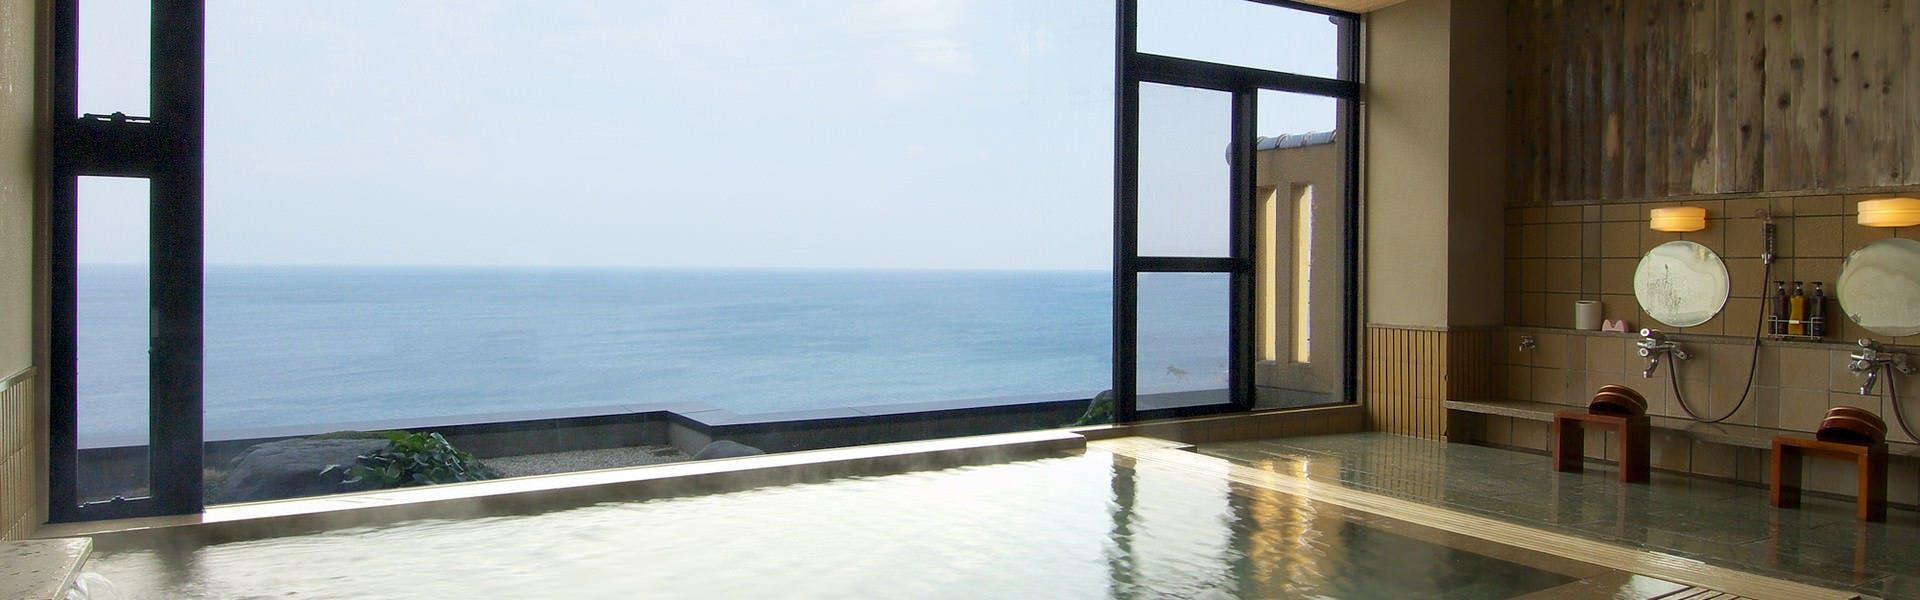 記念日におすすめのホテル・ねぶた温泉 海游能登の庄の写真2